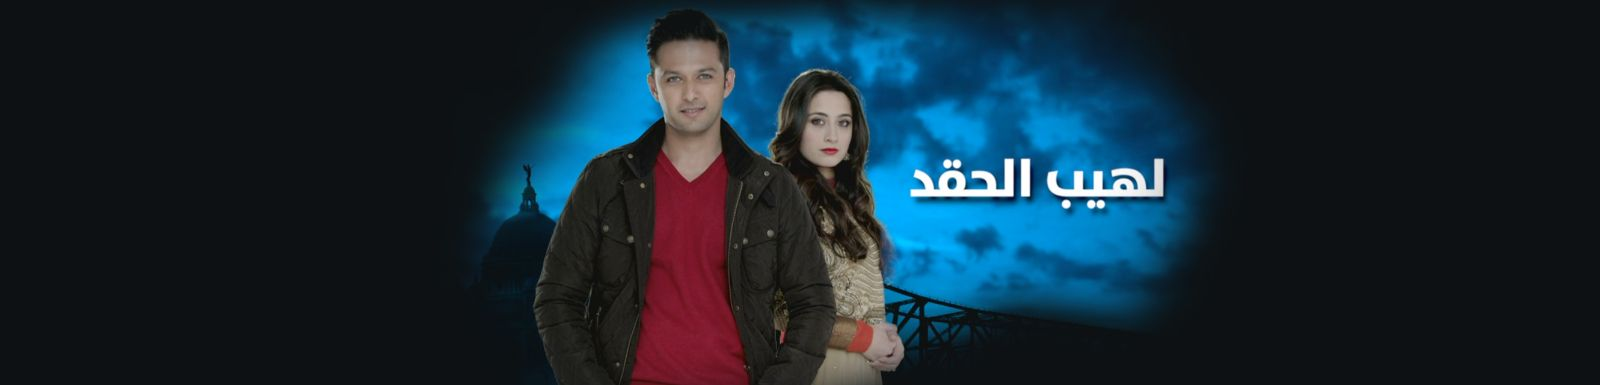 تحميل مسلسل لهيب الحقد الحلقة 11 MBC shahid شاهد نت